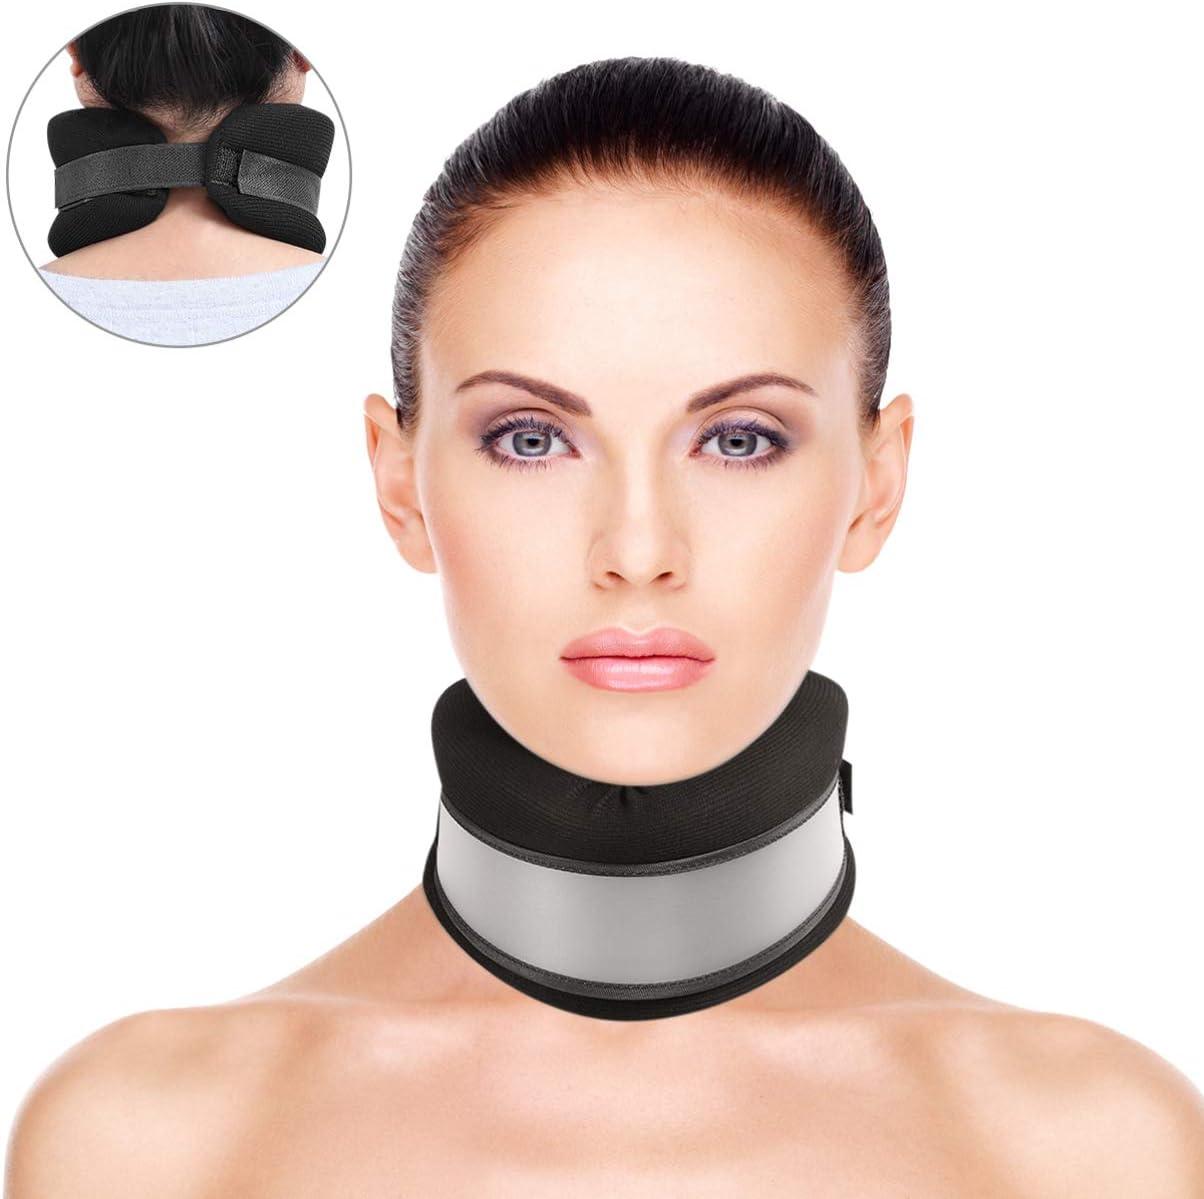 Healifty Cuello Ortopédico - Collarín Cervical Blando Ortopedico - para Dormir y Sedentario - Soporte para el Cuello, Alivio del Dolor y la Presión en la Columna Vertebral (Negro)